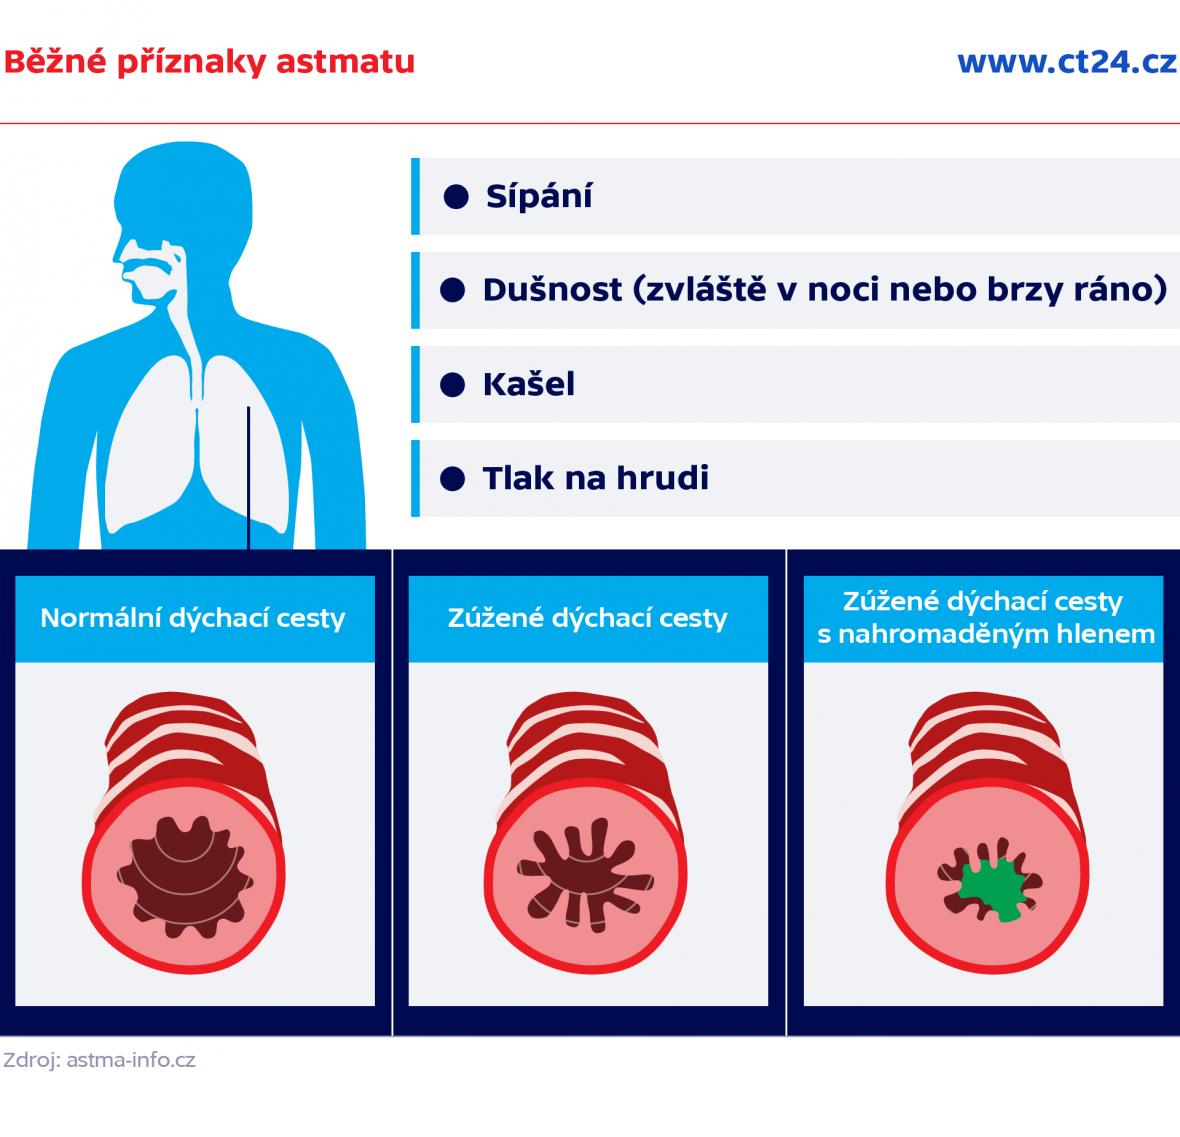 Běžné příznaky astmatu